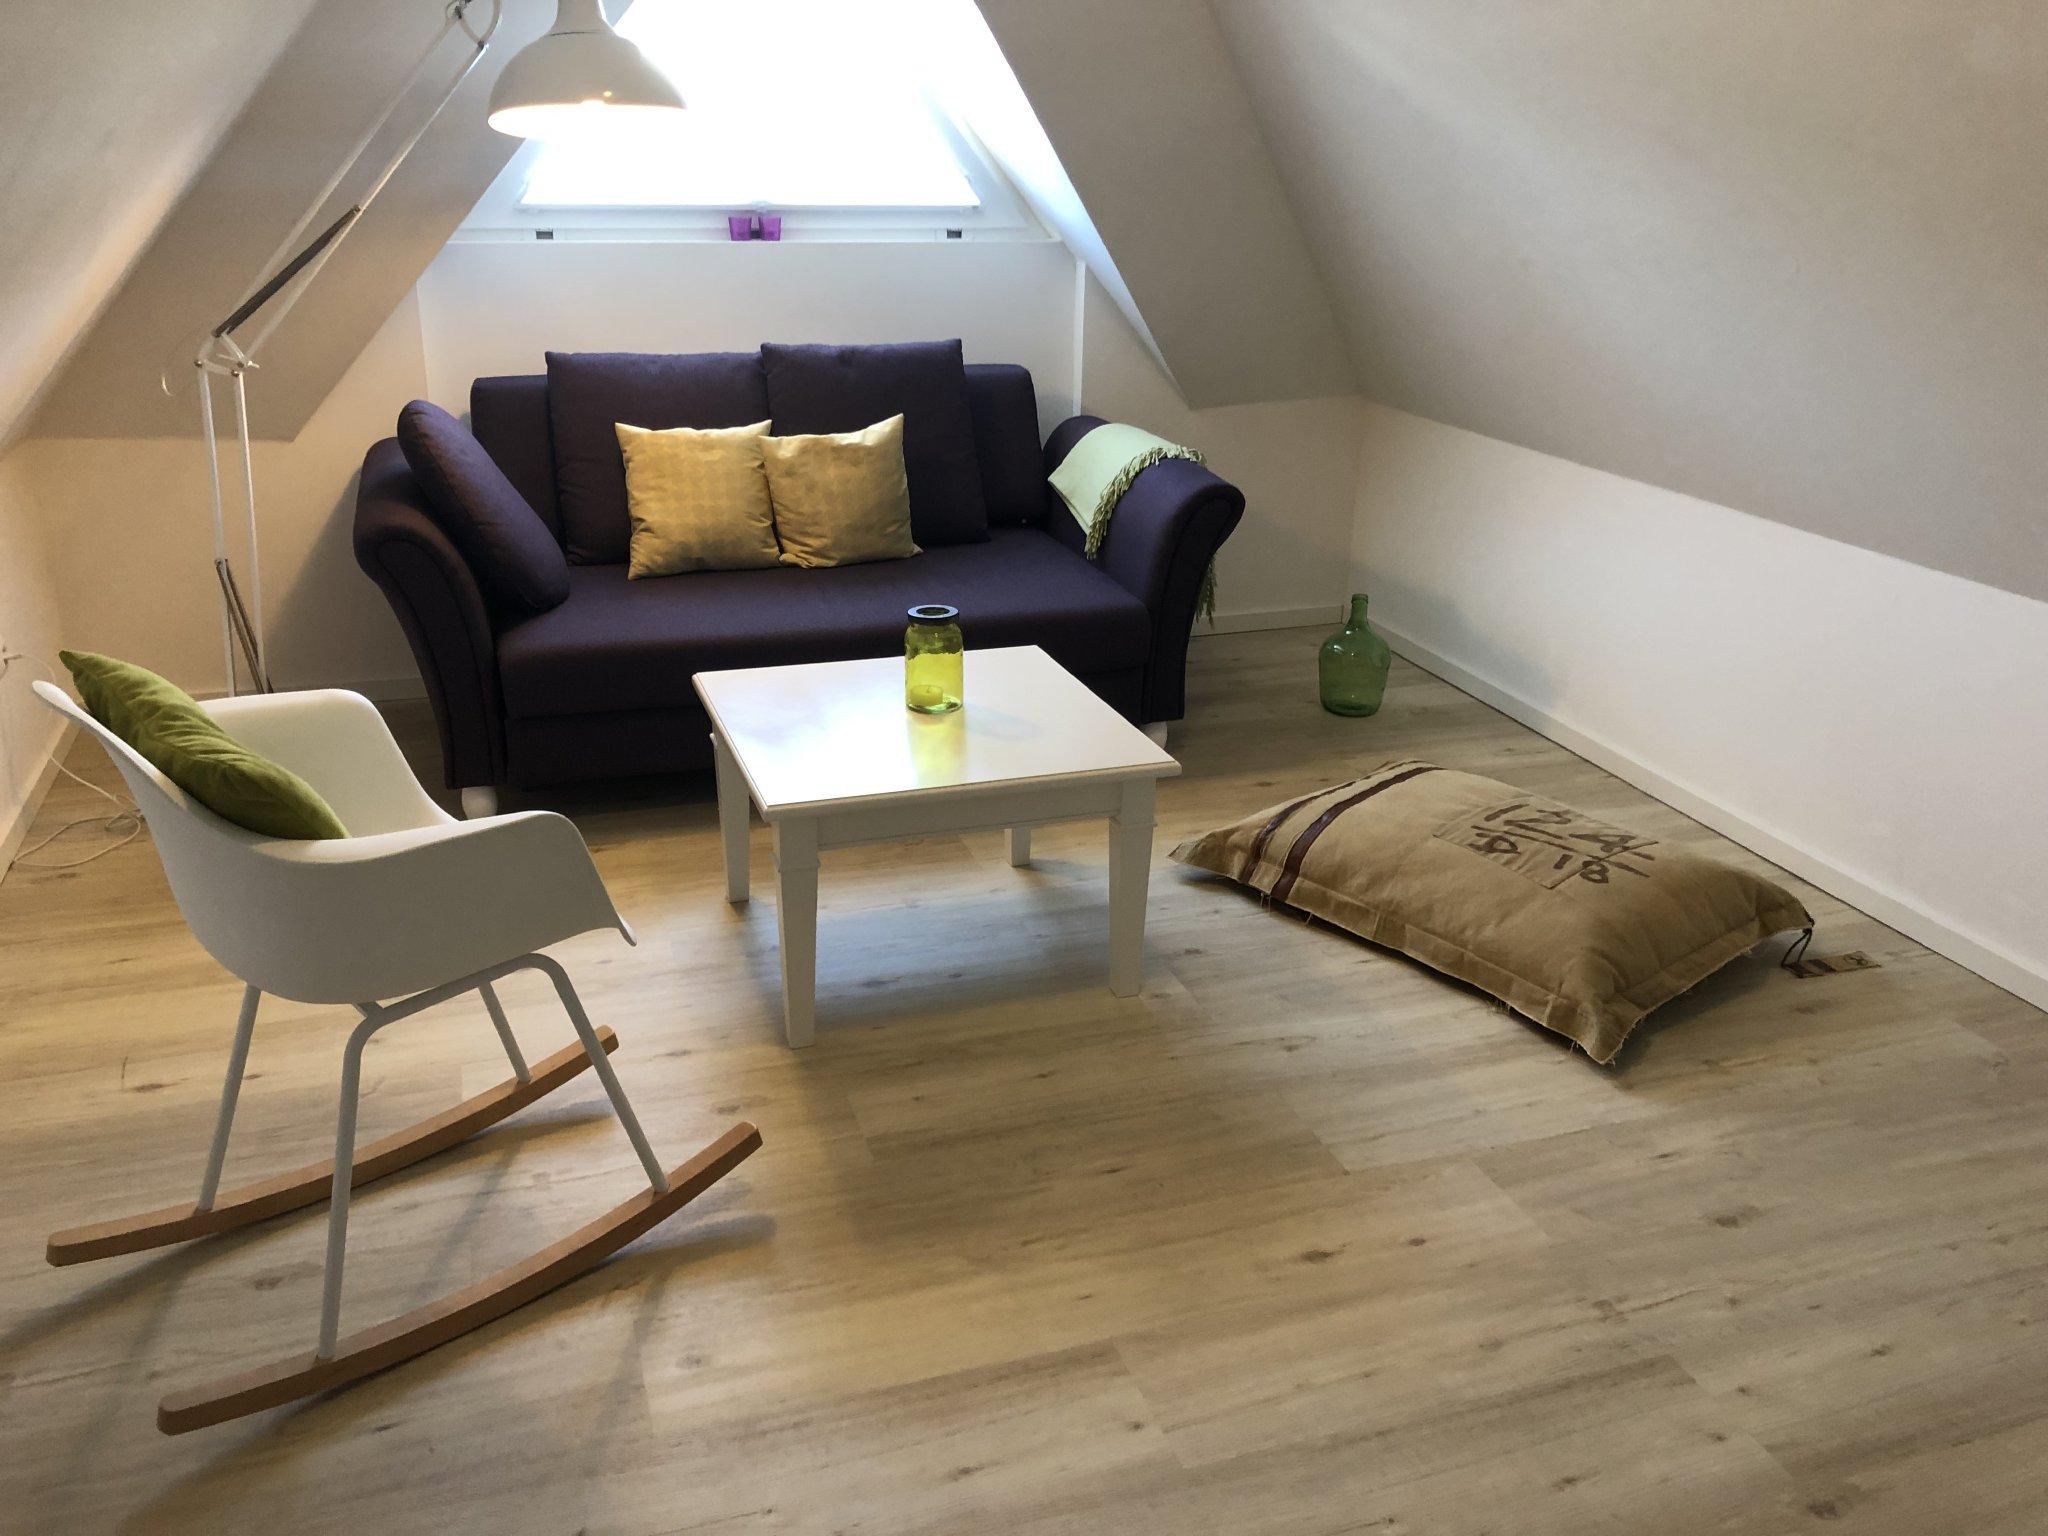 Dachboden mit Schlafsofa/ 3D-TV/ 3. OG